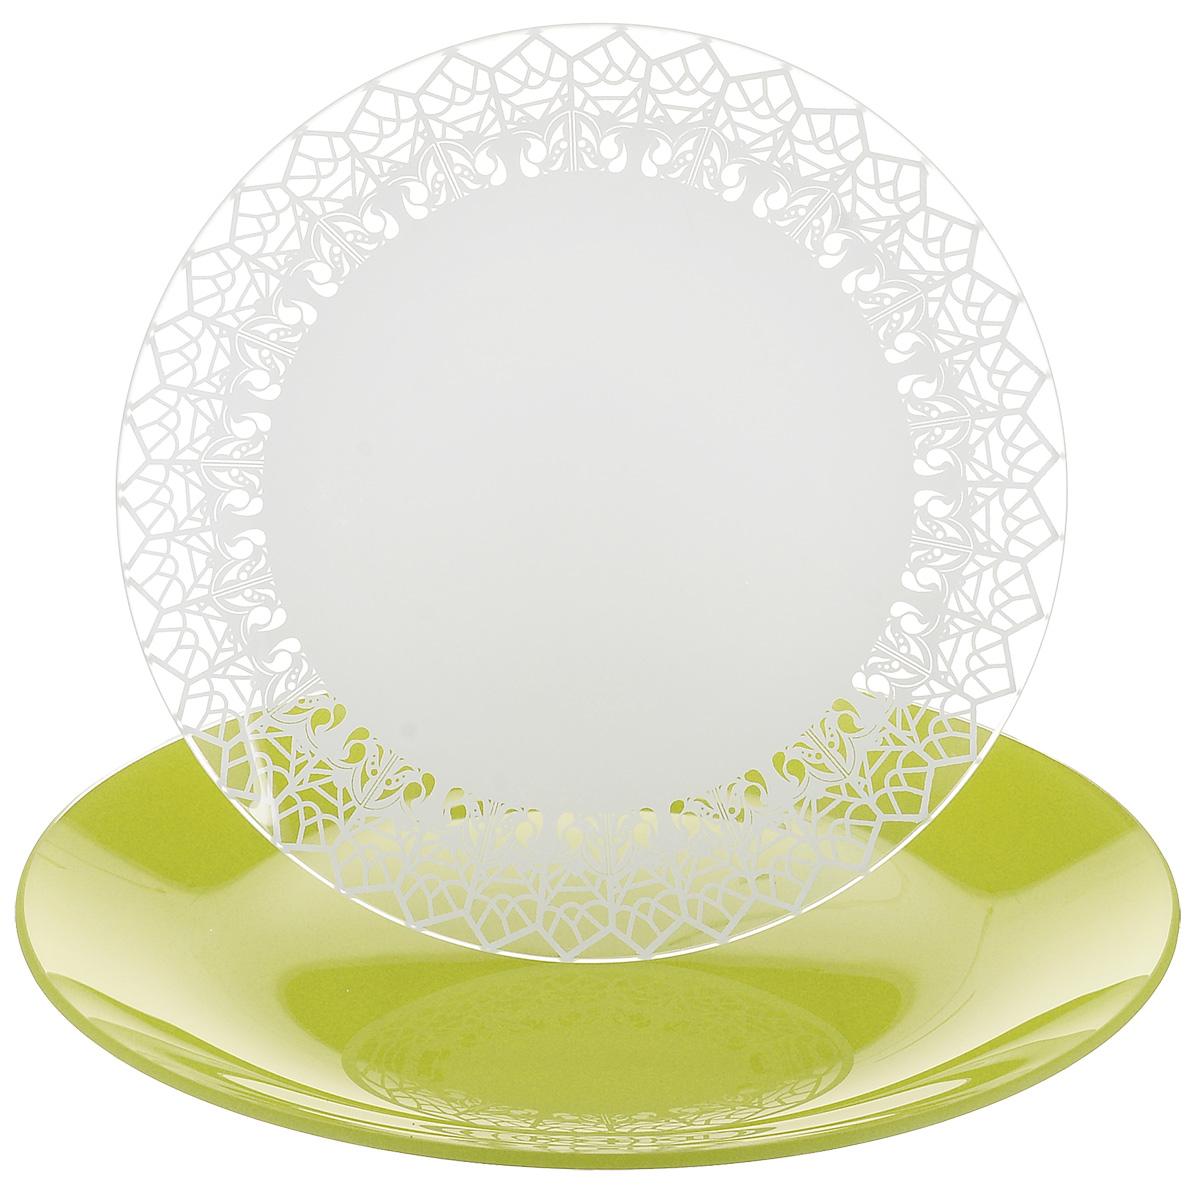 Набор тарелок NiNaGlass, цвет: зеленый, диаметр 20 см, 2 шт. 85-200-147псз85-200-147псзНабор тарелок NiNaGlass Кружево и Палитра выполнена из высококачественного стекла, декорирована под Вологодское кружево и подстановочная тарелка яркий насыщенный цвет. Набор идеален для подачи горячих блюд, сервировки праздничного стола, нарезок, салатов, овощей и фруктов. Он отлично подойдет как для повседневных, так и для торжественных случаев. Такой набор прекрасно впишется в интерьер вашей кухни и станет достойным дополнением к кухонному инвентарю.